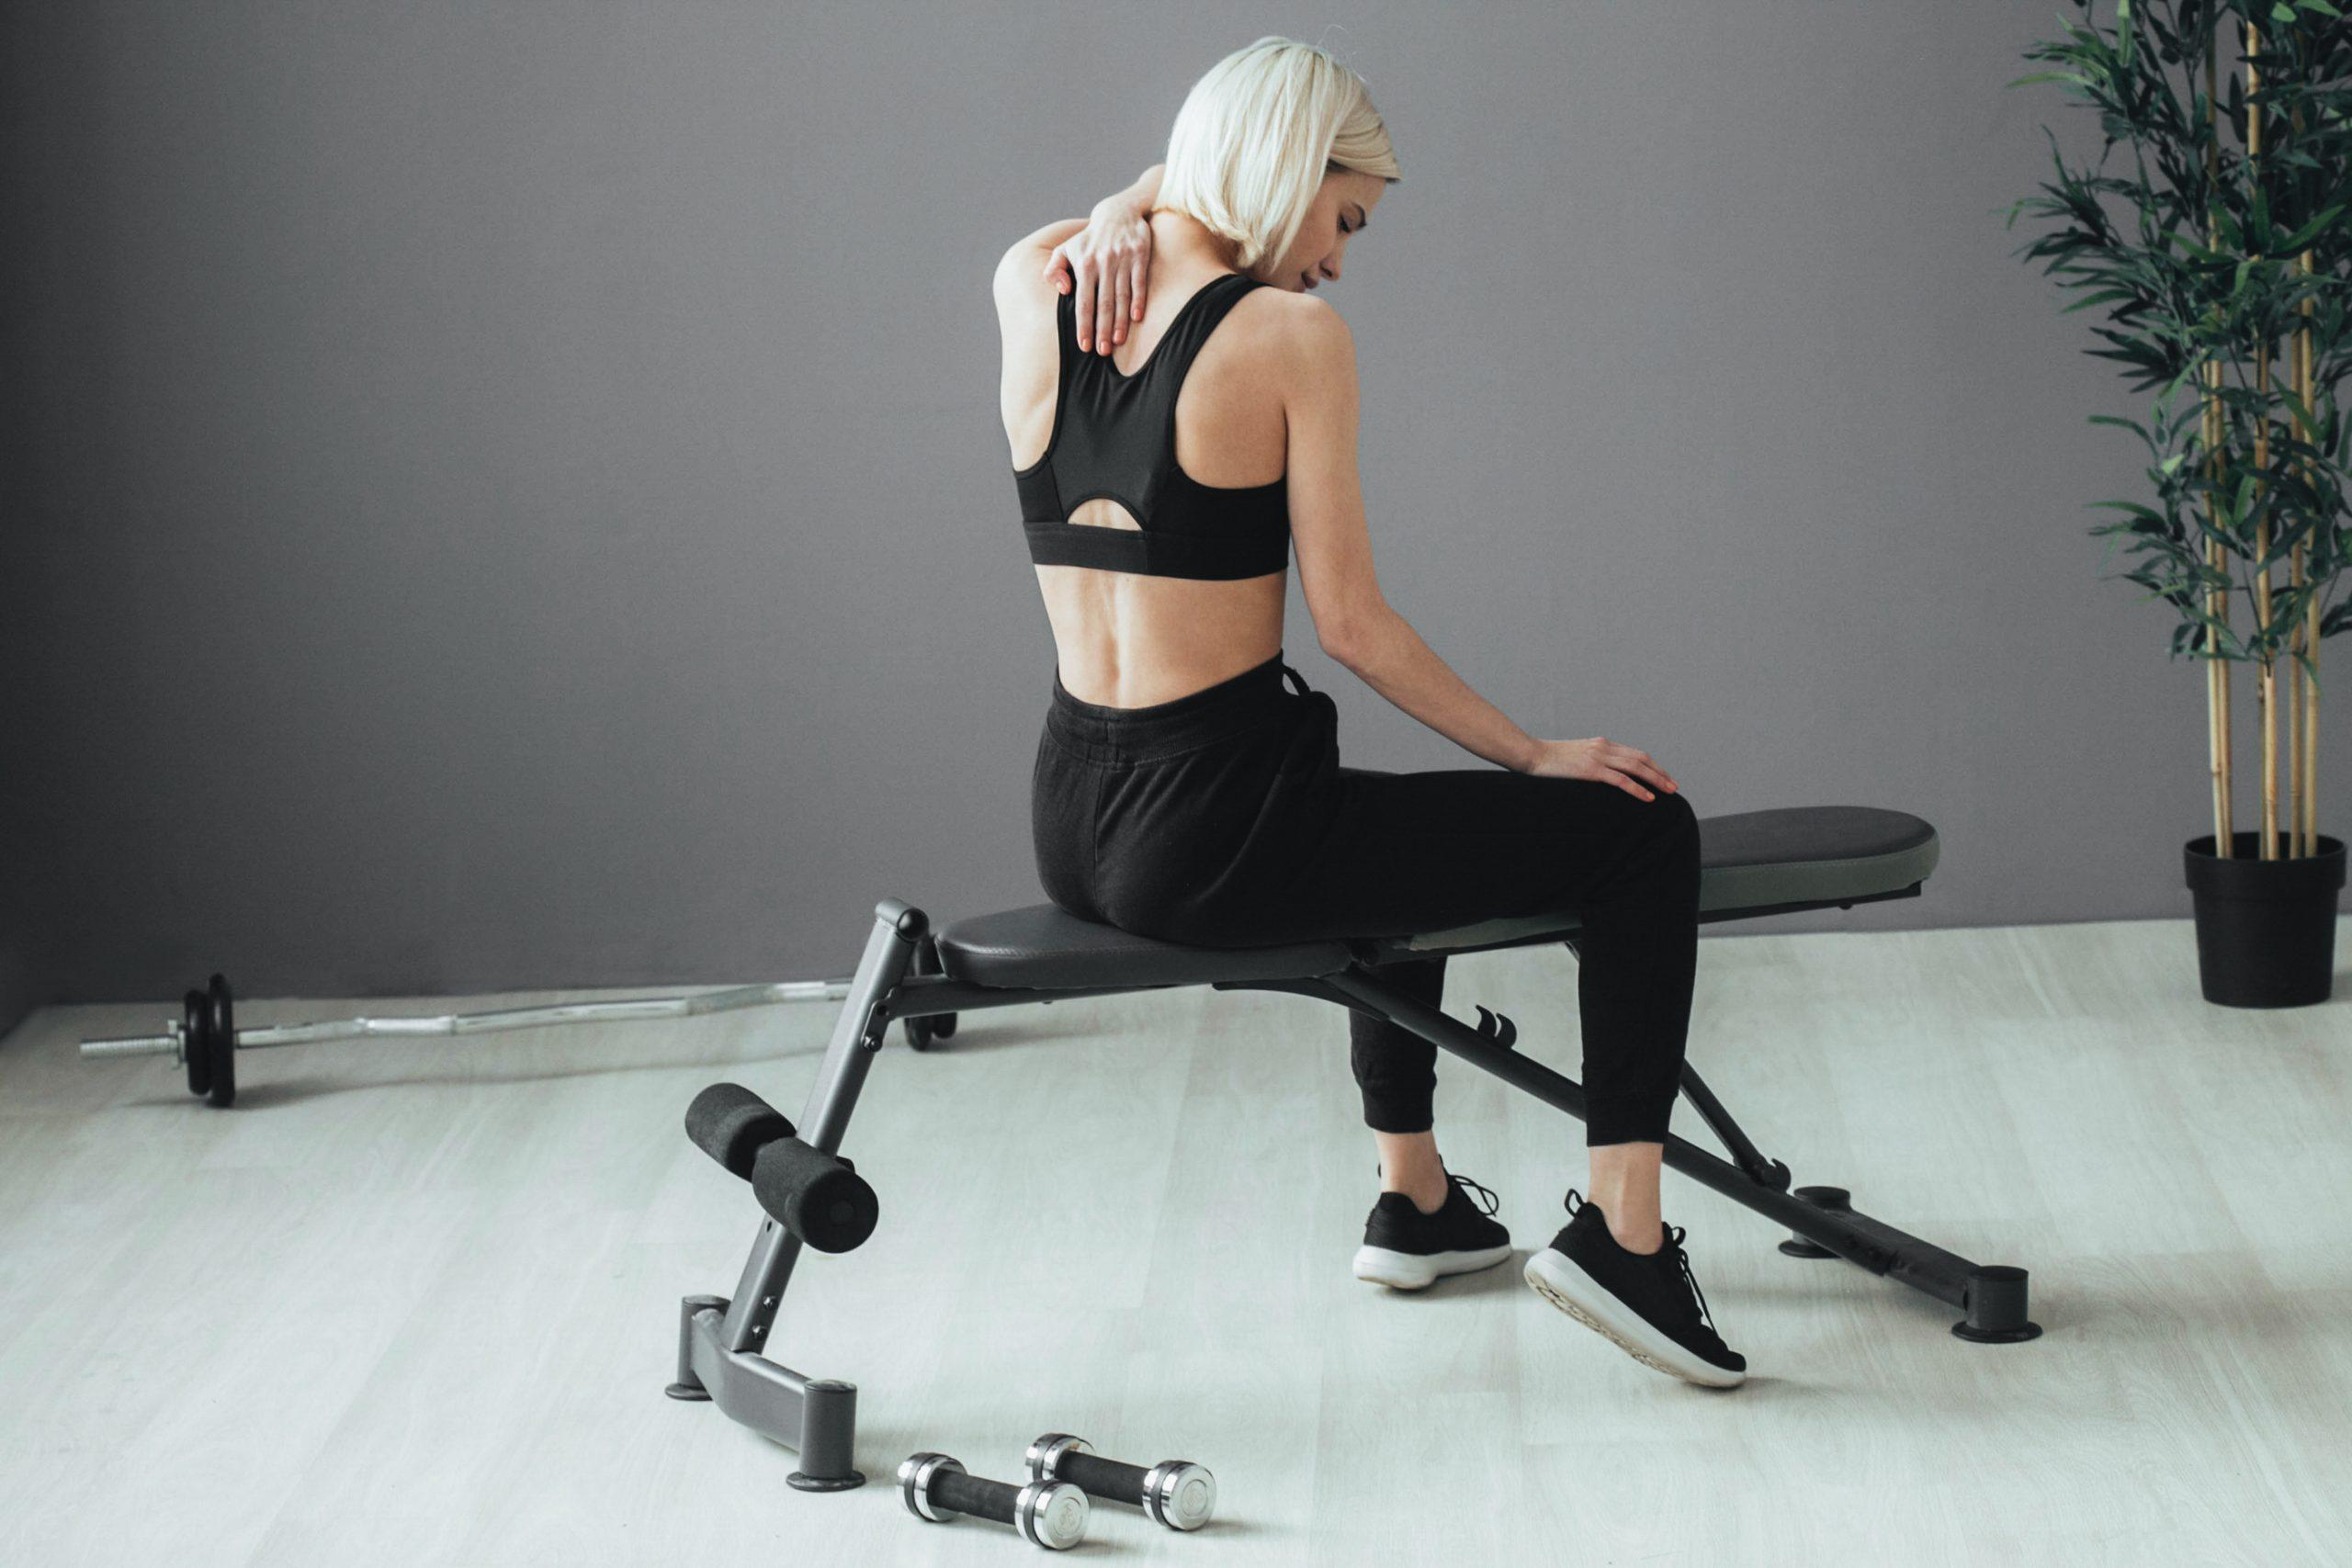 faire du sport avec des courbatures exercices conseillés